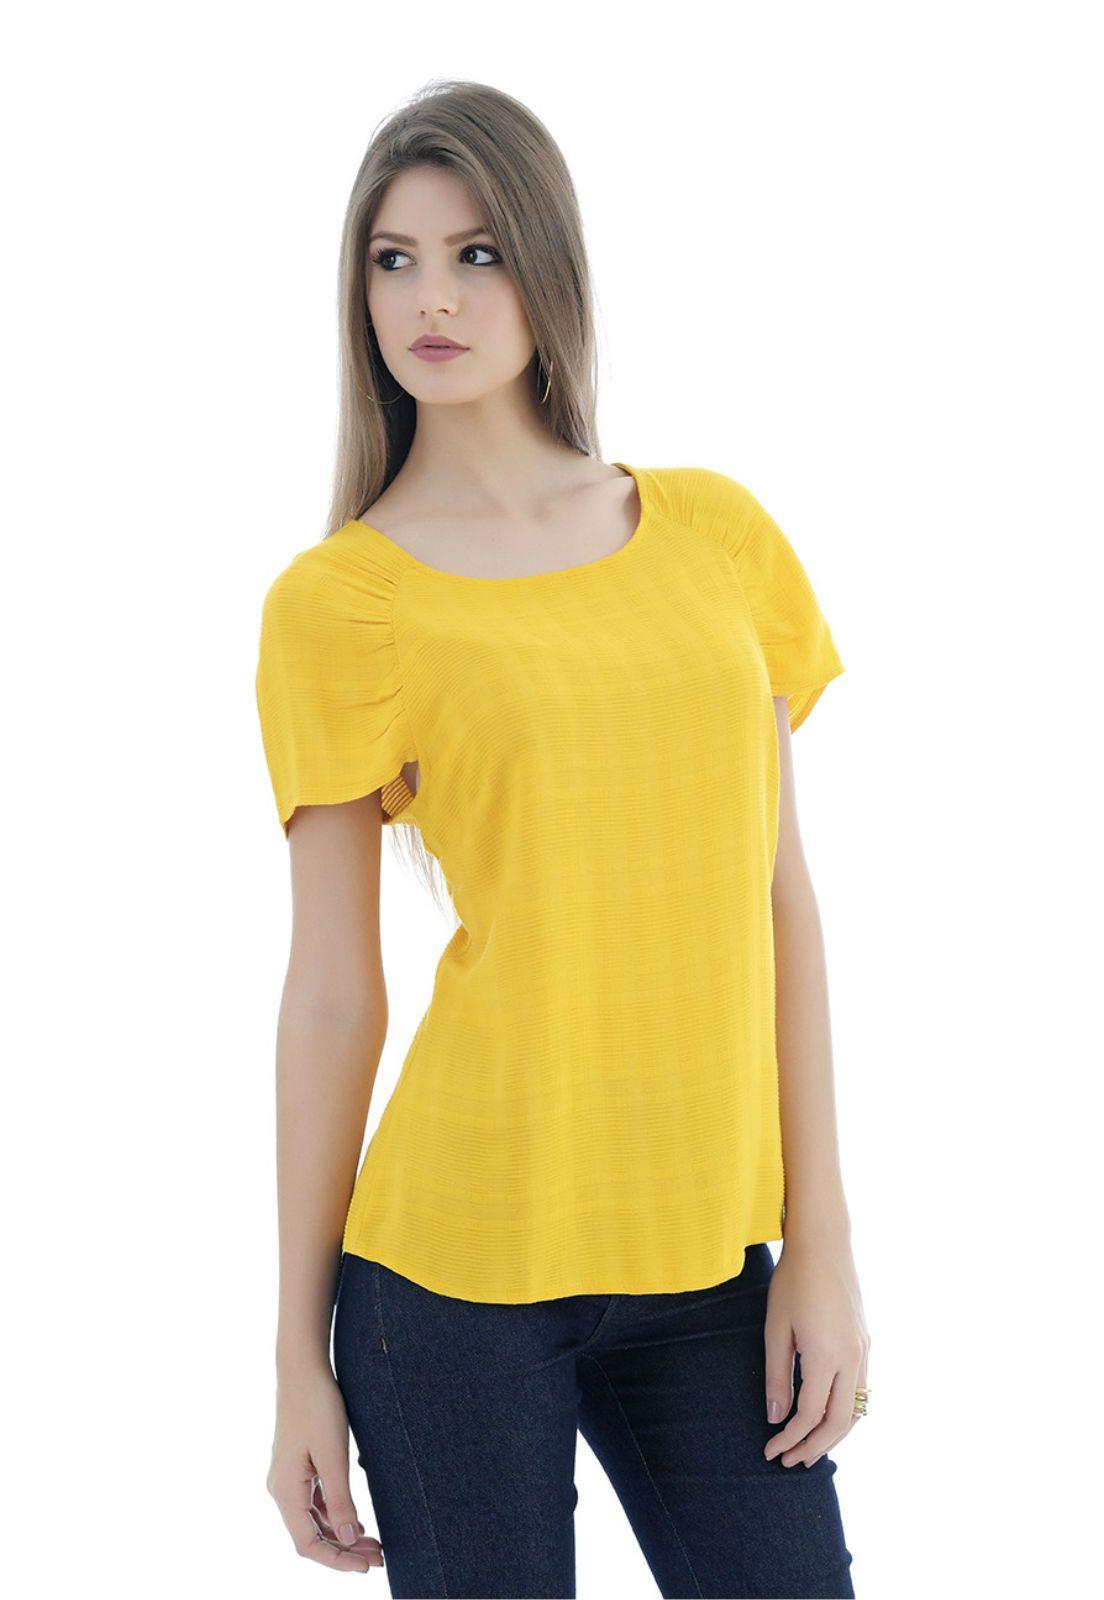 Blusa de viscose amarela